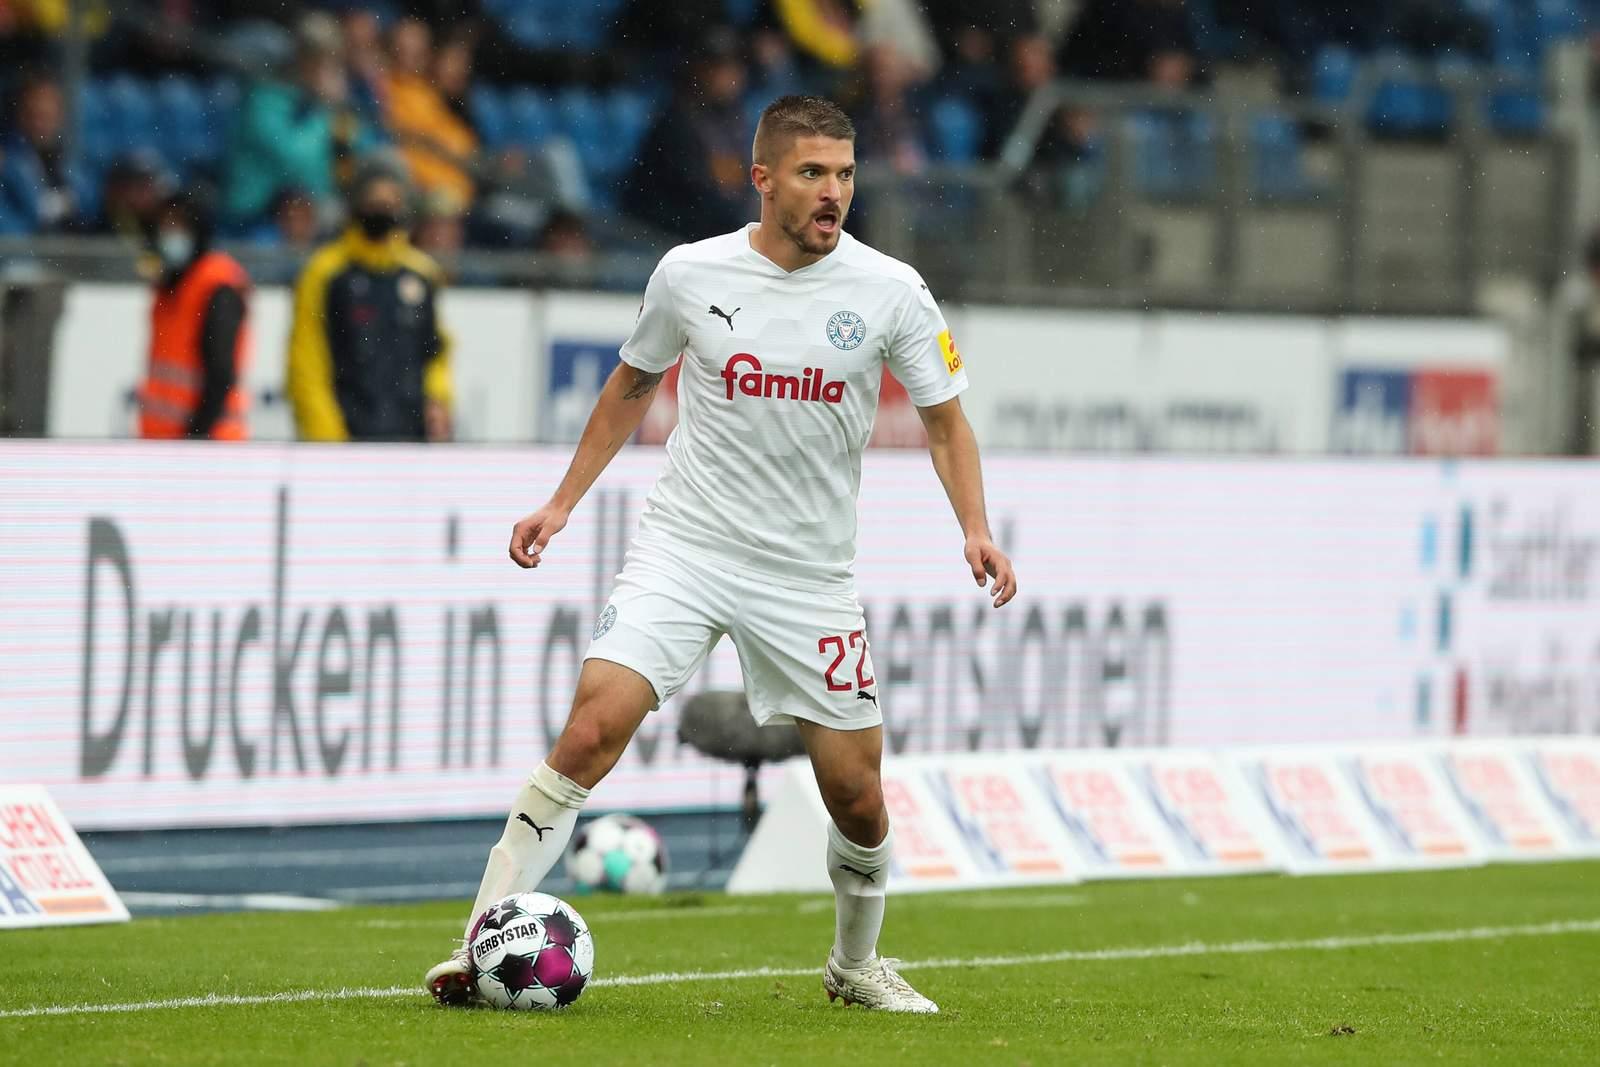 Aleksandar Ignjovski im Spiel gegen Braunschweig.